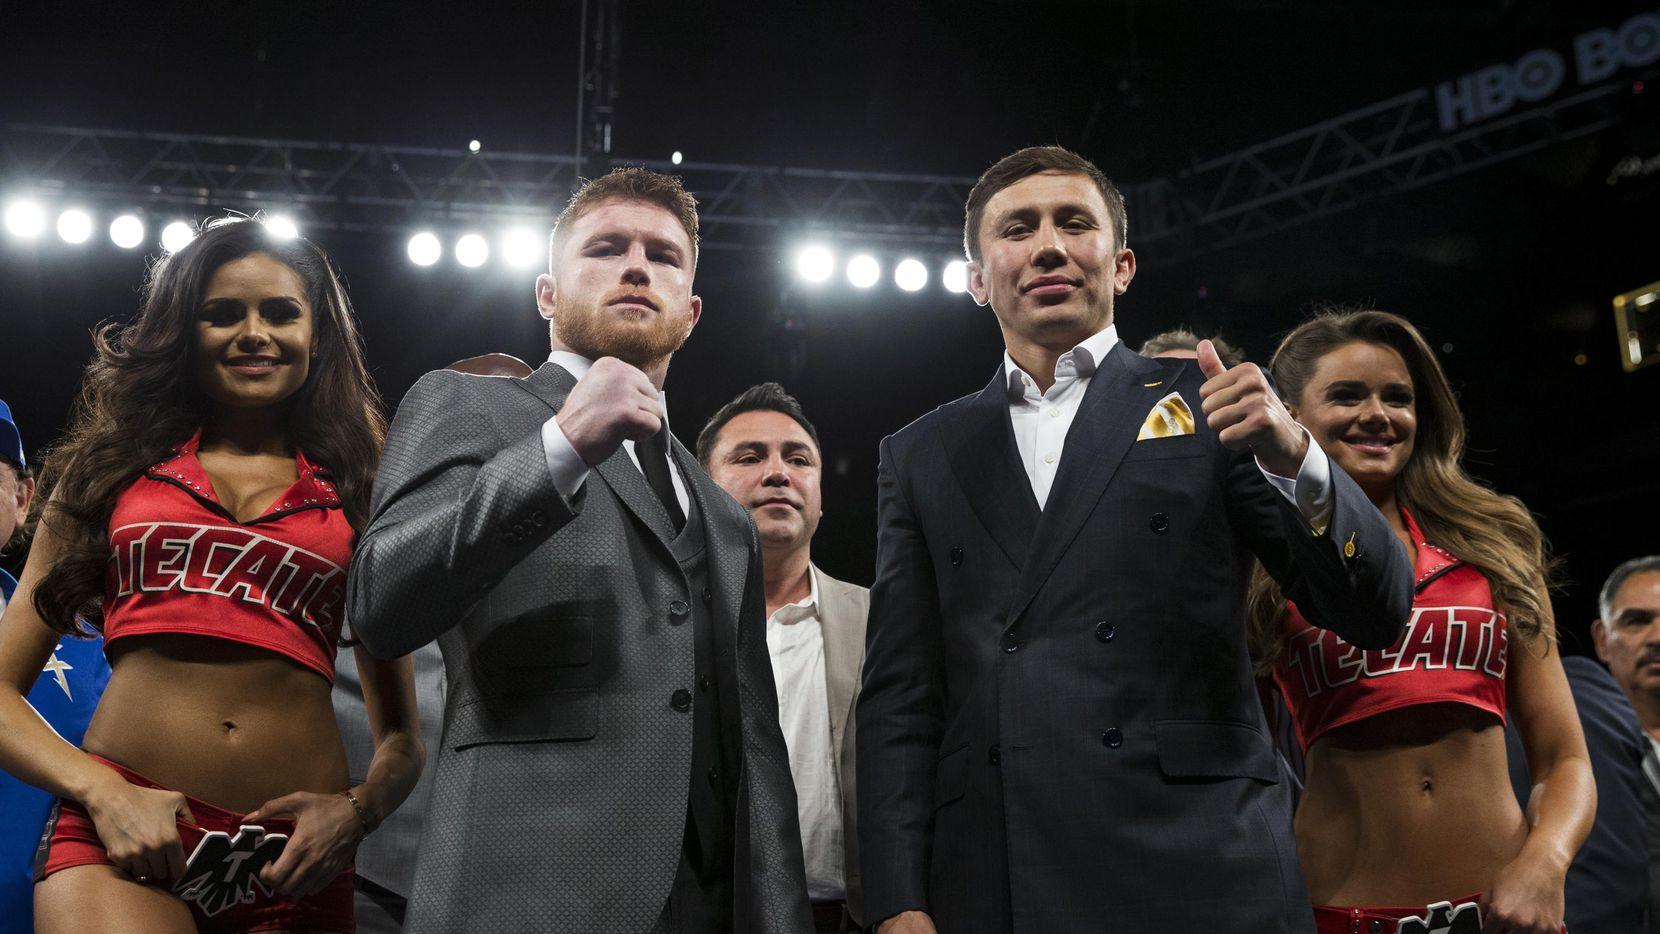 Saúl Álvarez (izq.) y Gennady Golovkin anunciaron que se enfrentarán el 16 de septiembre en un combate en las 160 libras. (AP/Erik Verduzco)